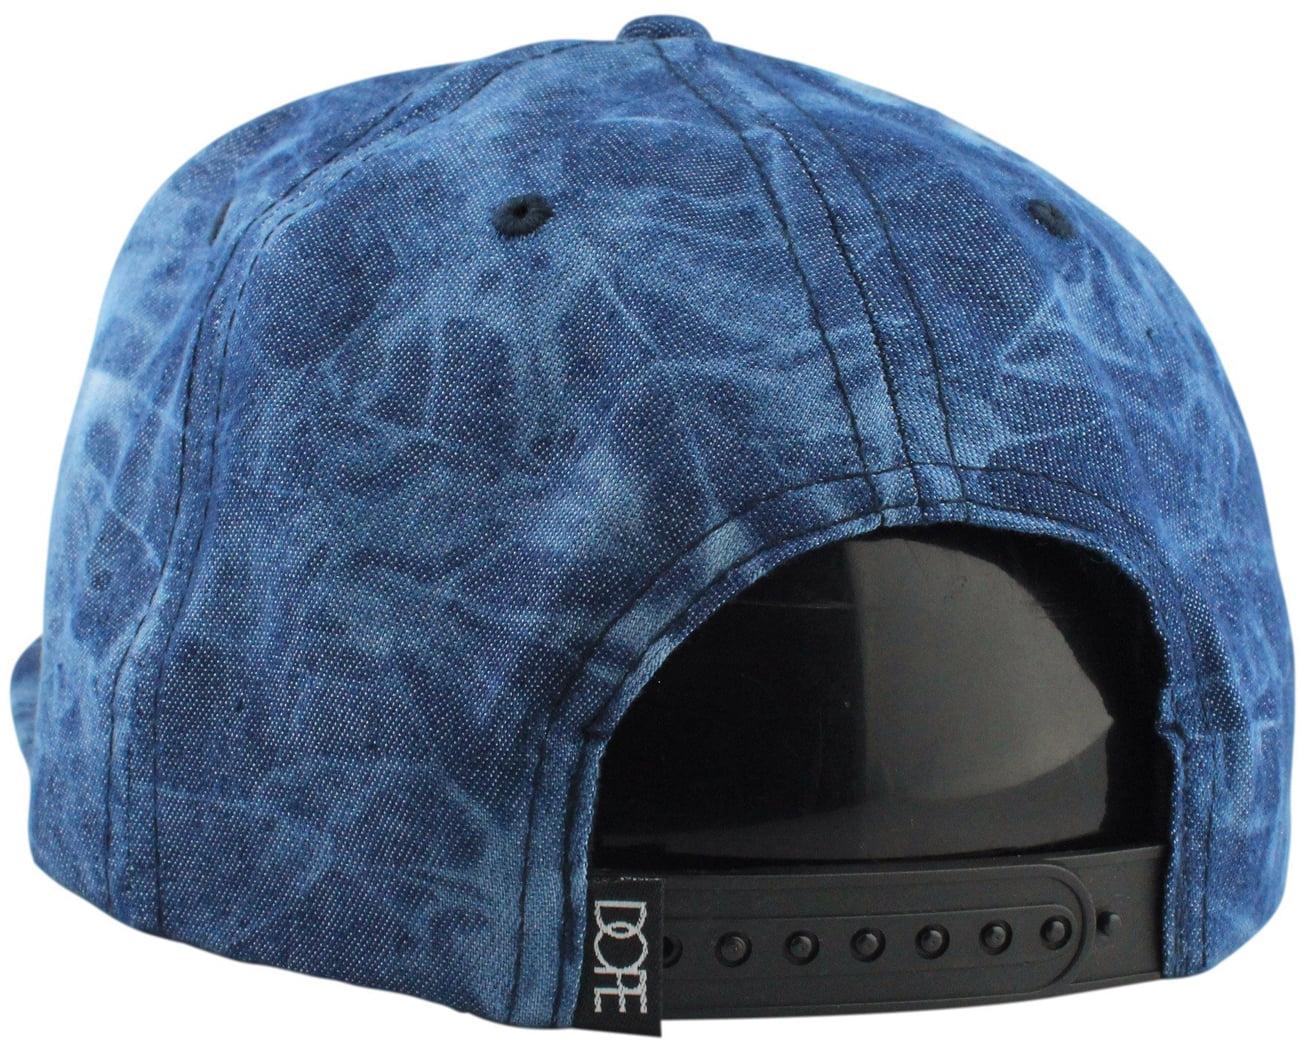 Dope Metal Plate Fashion Snapback Cap Hat Headwear Streetwear Denim  Lamborghini - Walmart.com 7c197b0d395